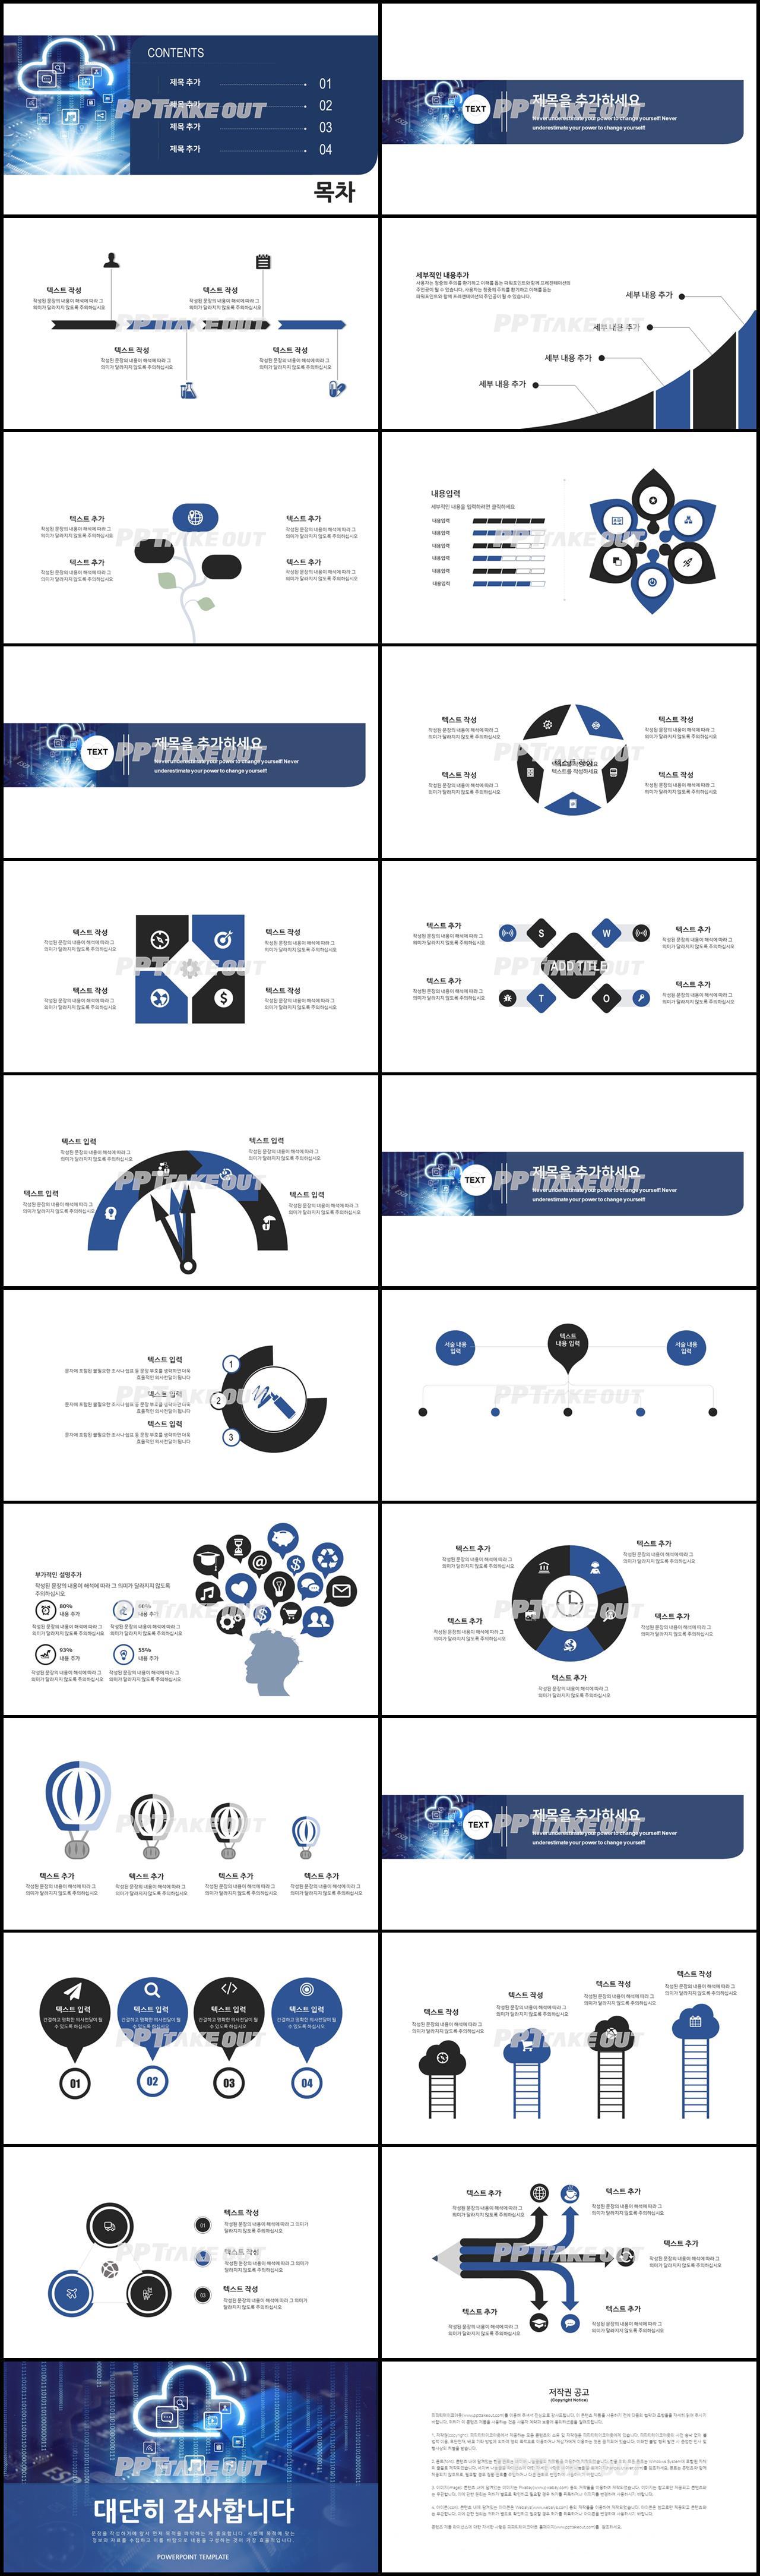 비즈니스 블루 어두운 멋진 PPT탬플릿 다운로드 상세보기